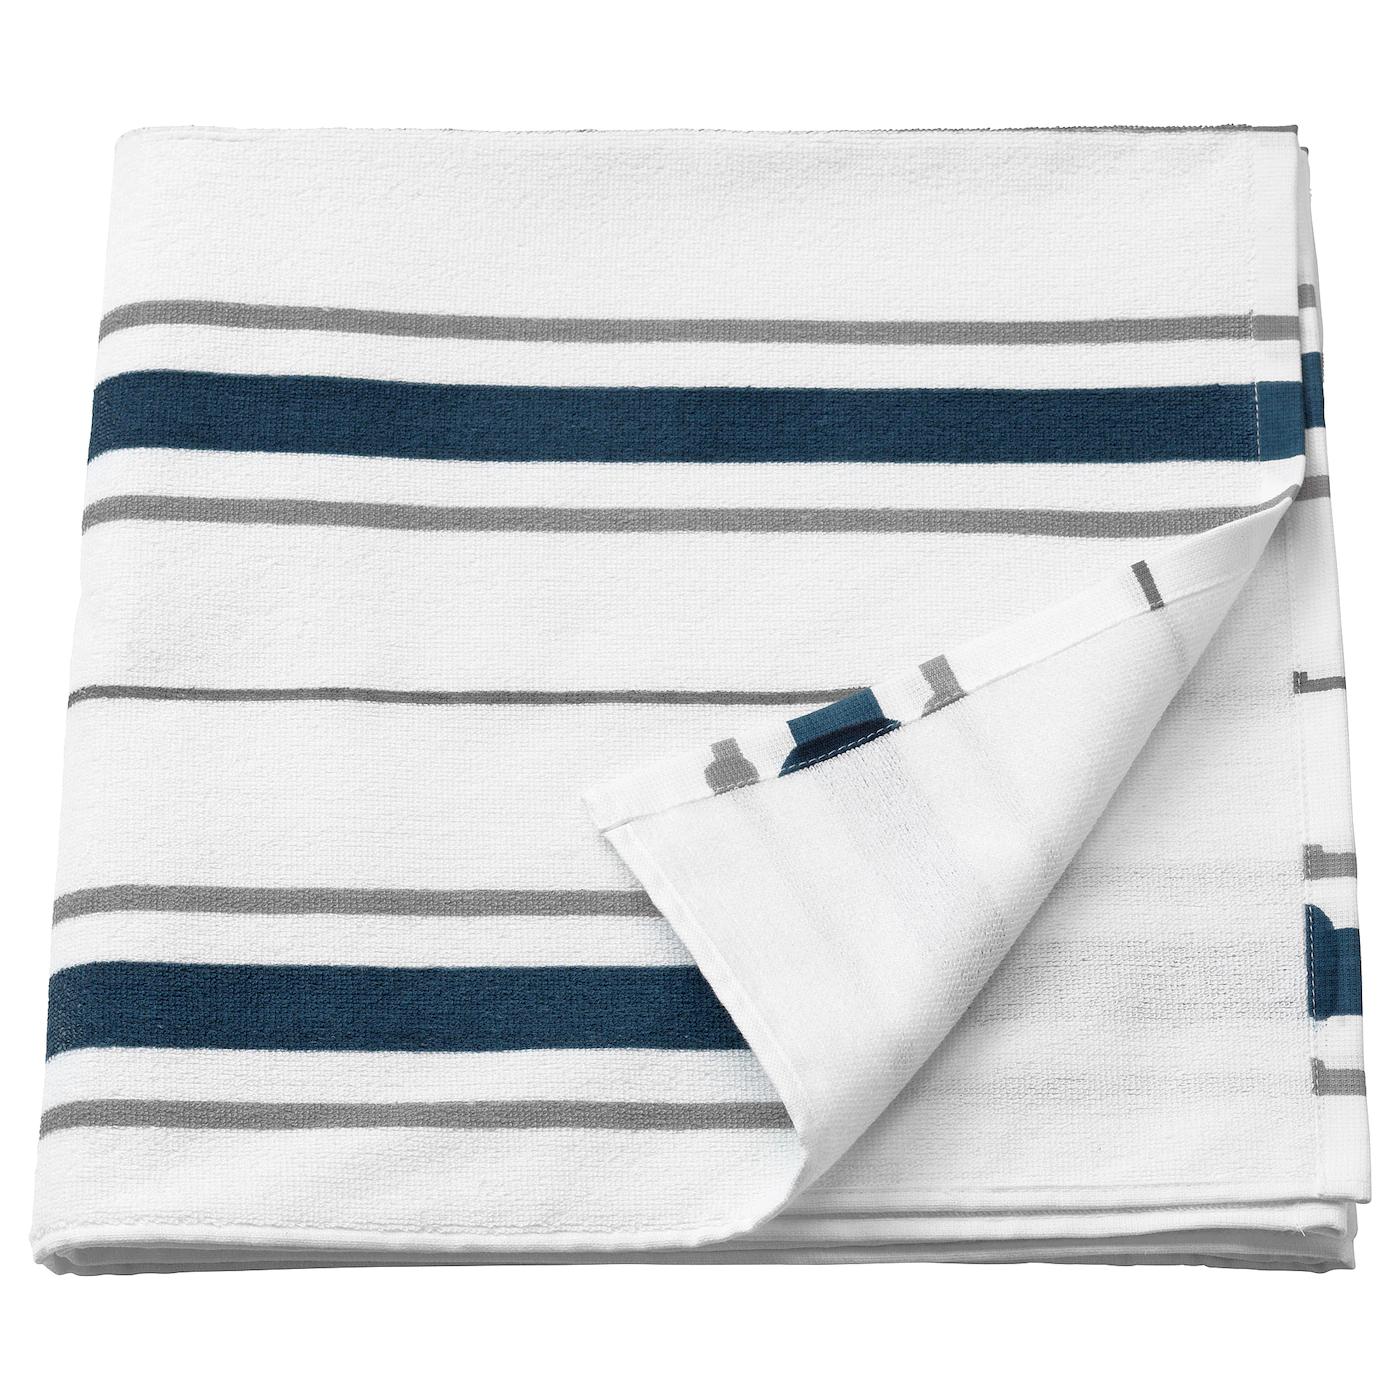 Drap de bain blanc&bleu Ottsjön - 140 x 70cm